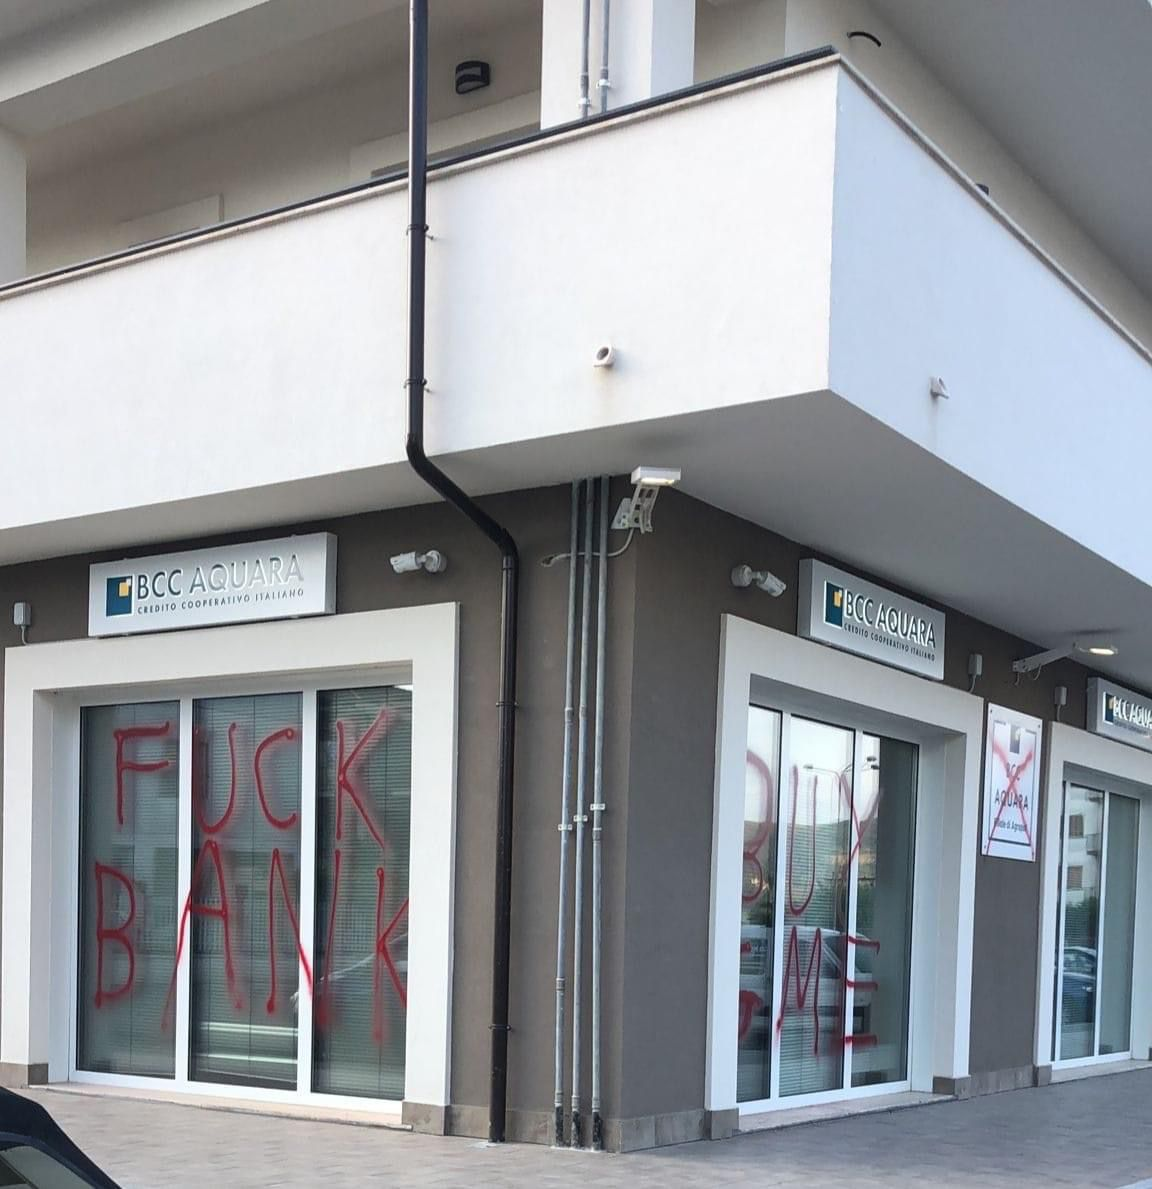 «Fuck bank»: vandali danneggiano vetrine della sede Bcc di Aquara